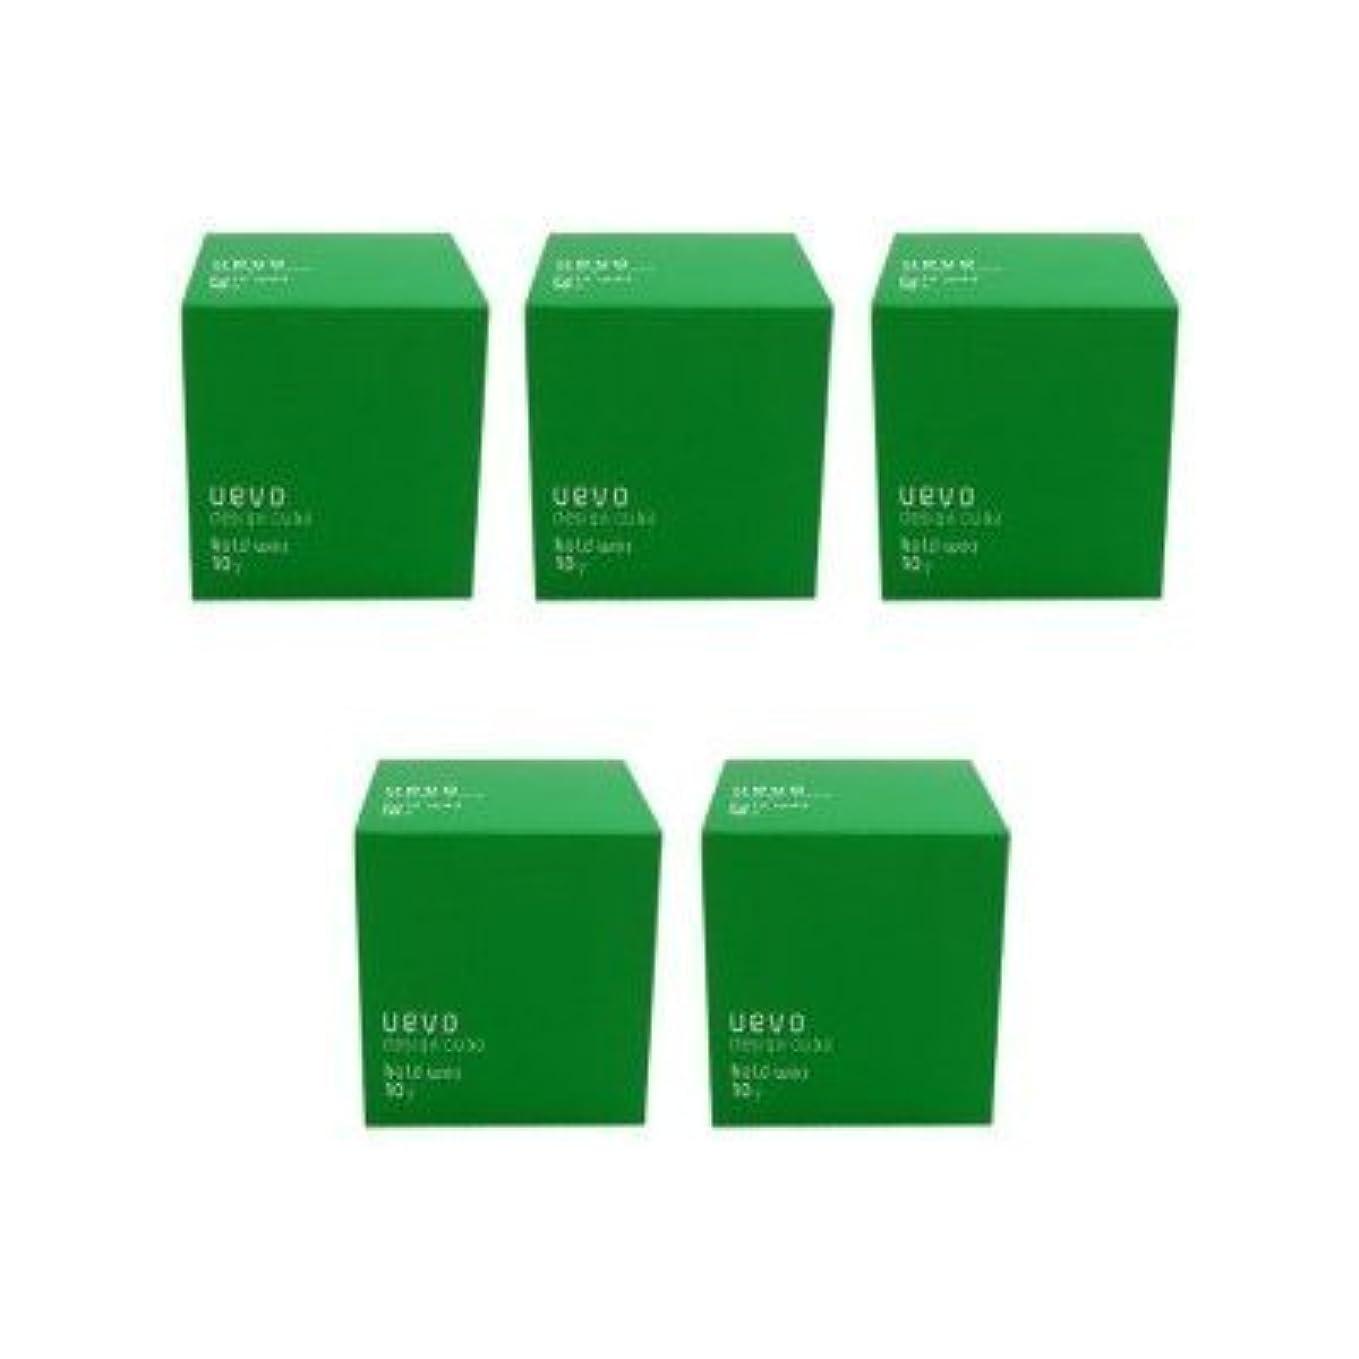 趣味ランク団結【X5個セット】 デミ ウェーボ デザインキューブ ホールドワックス 80g hold wax DEMI uevo design cube